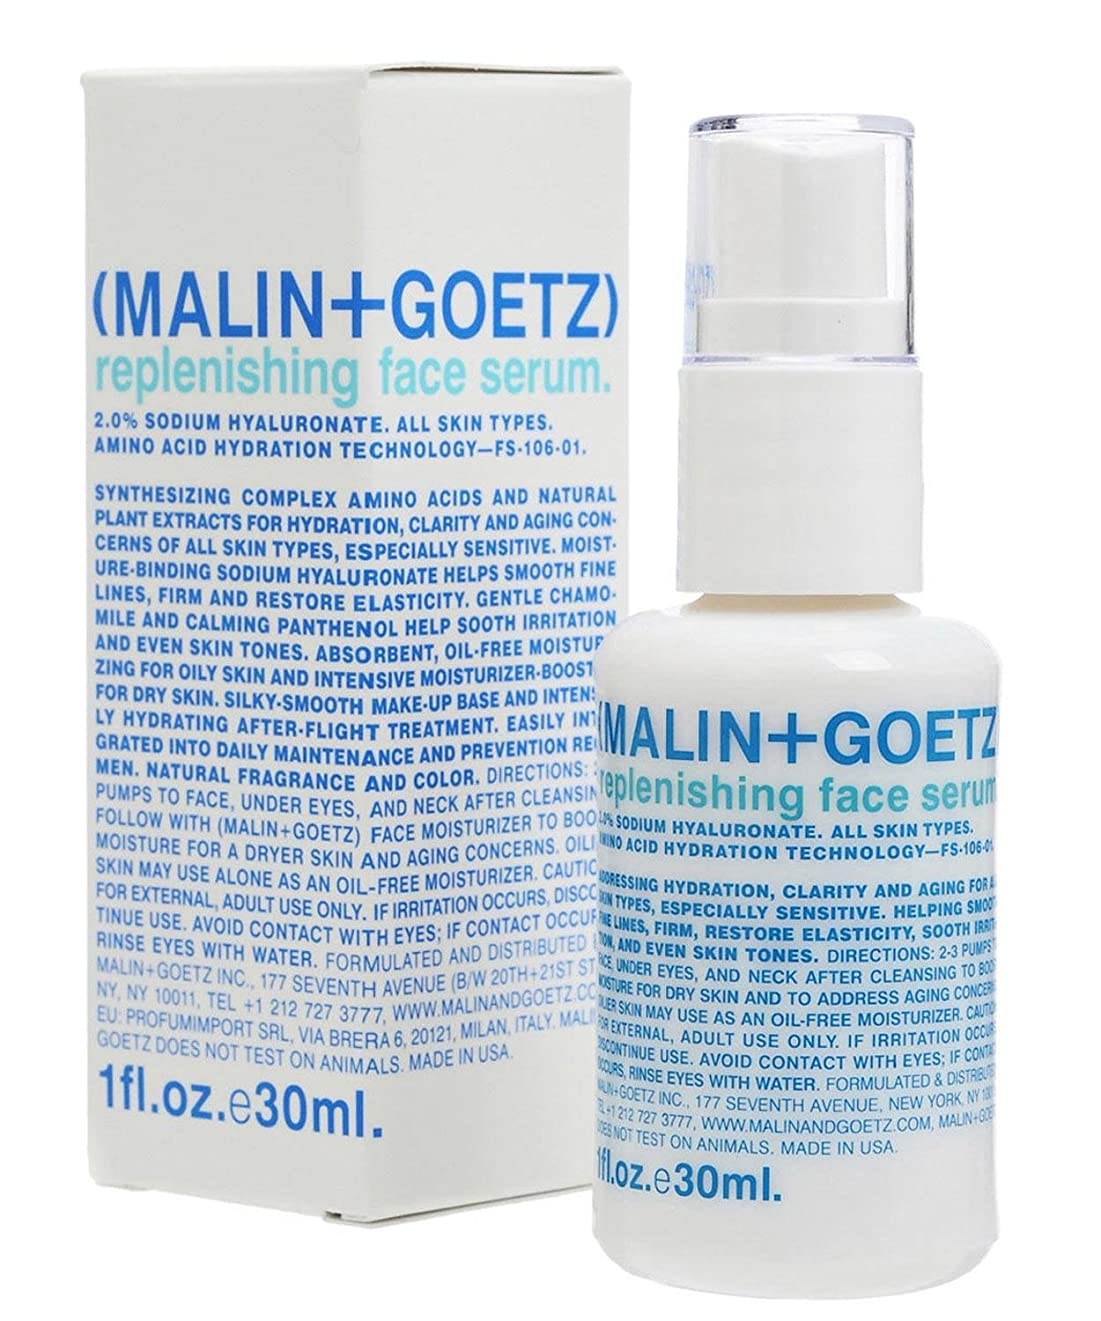 優越なぜじゃないマリン+ゲッツ補充顔の血清 x2 - MALIN+GOETZ Replenishing Face Serum (Pack of 2) [並行輸入品]